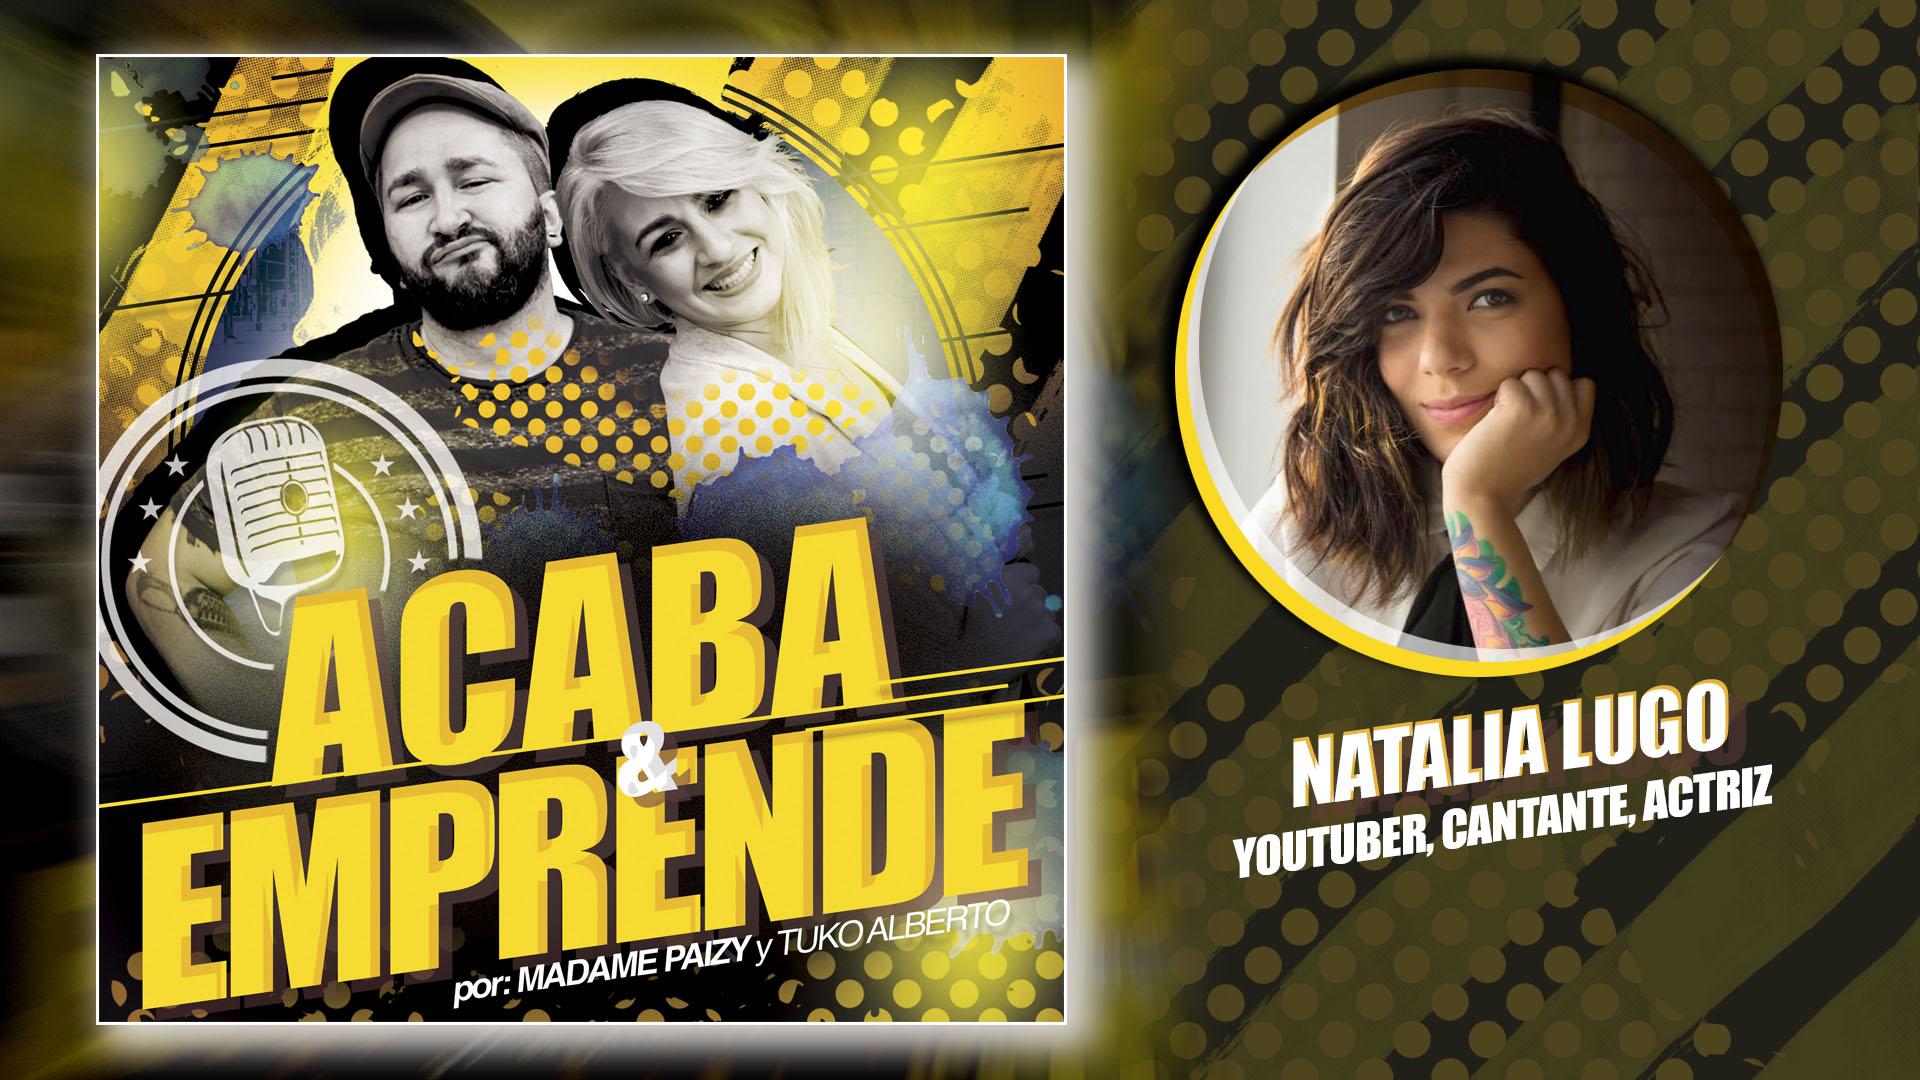 Acaba y Emprende | Natalia Lugo